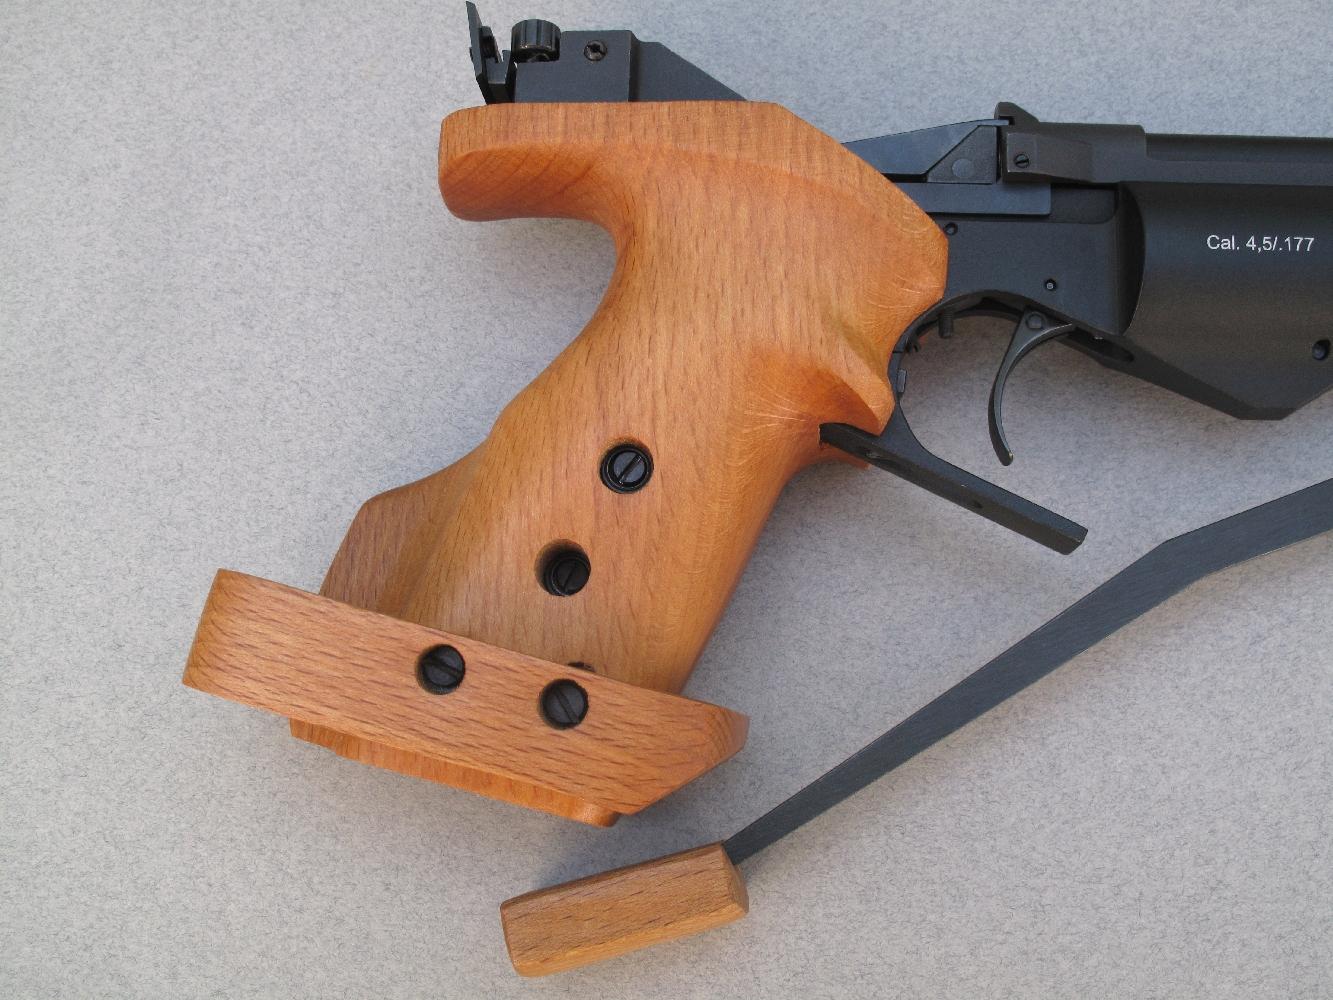 Ce pistolet, qui est muni d'une poignée anatomique avec repose-paume réglable, est proposé en deux versions pour s'adapter aux utilisateurs droitiers et gauchers.